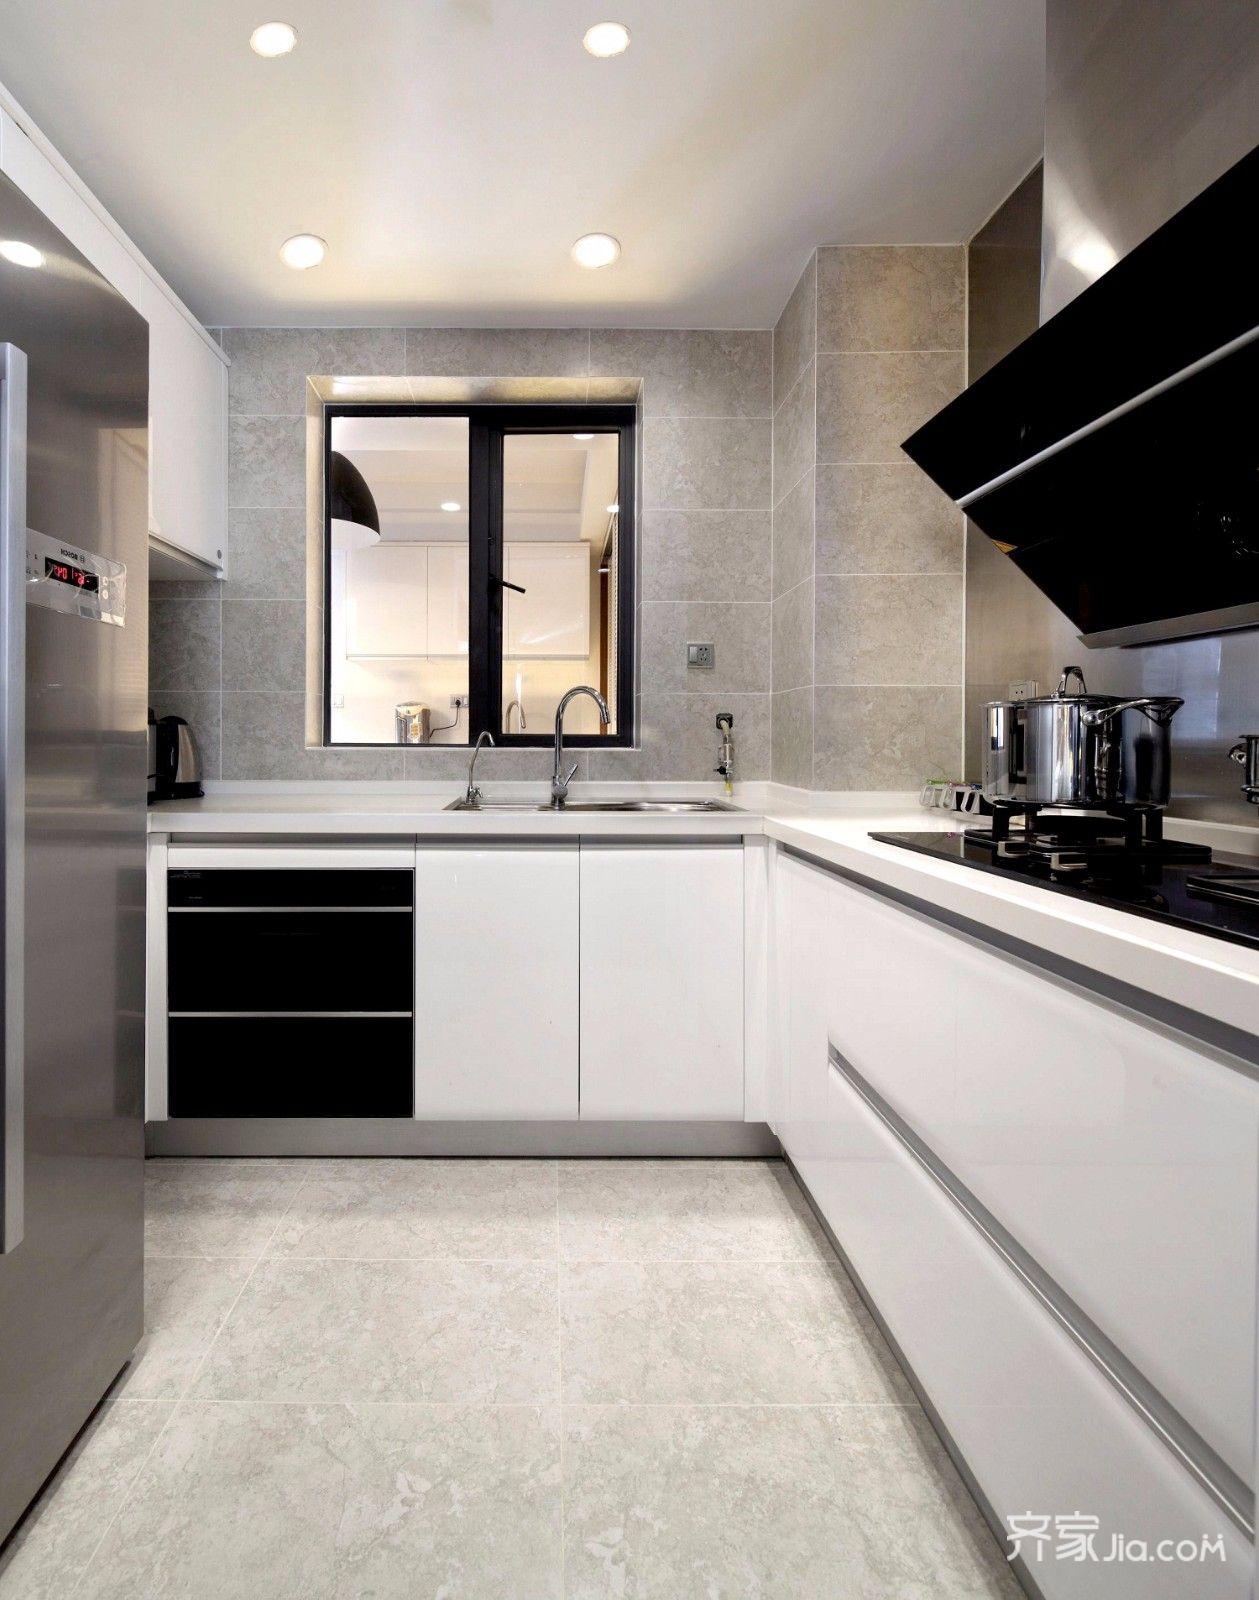 现代简约大户型厨房装修效果图